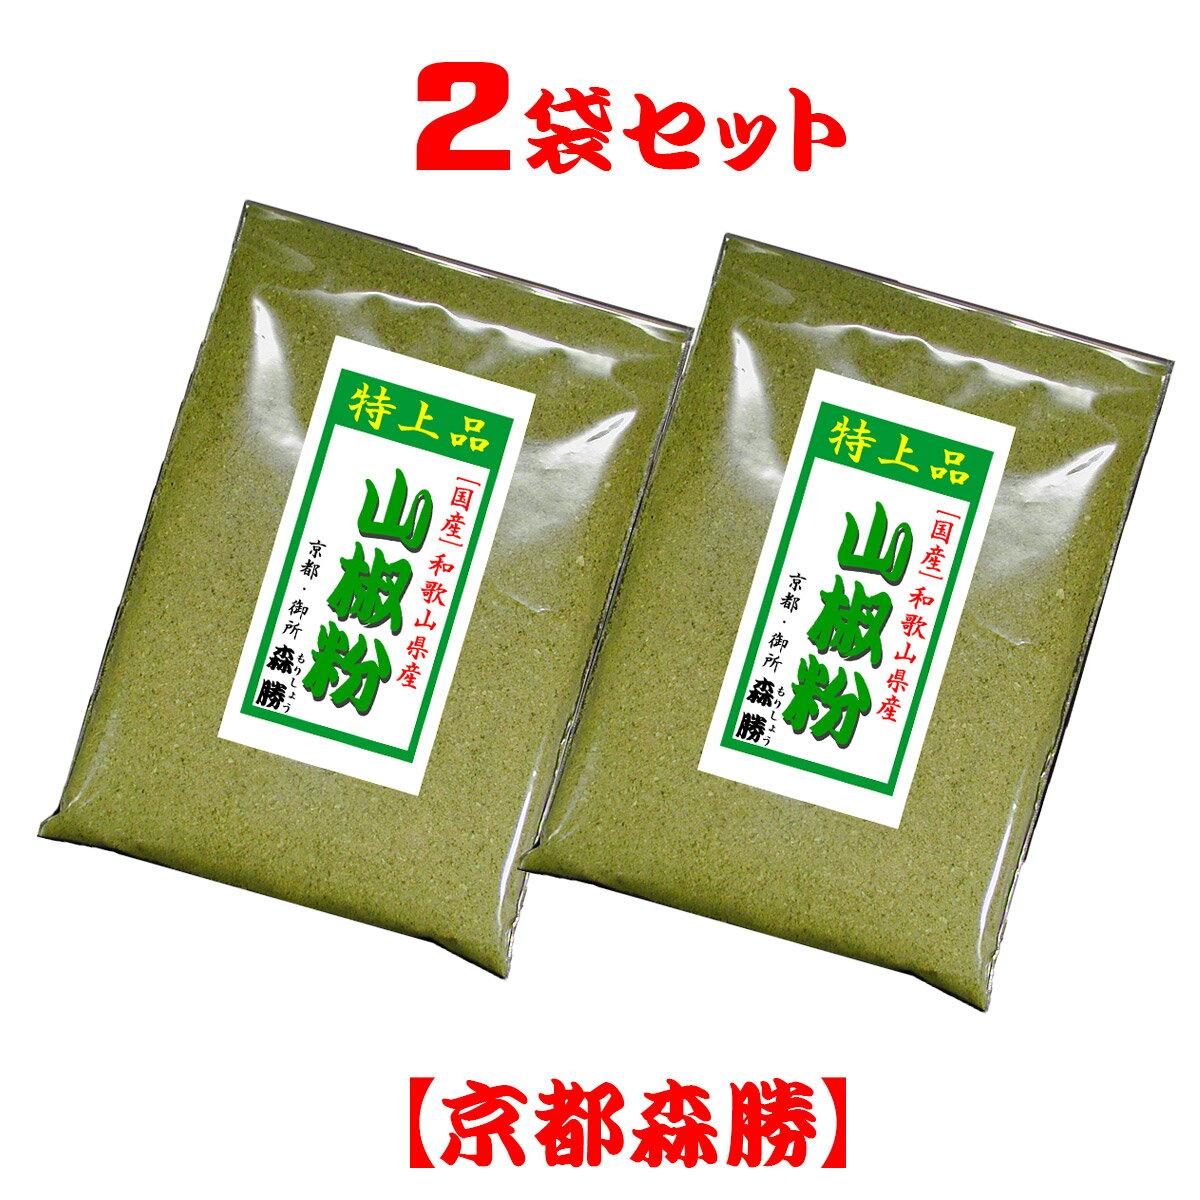 【特上!山椒粉8g】 2袋セット ☆国産:和歌山県産の粉さんしょう山椒は小粒でピリリと辛いと言いますが乾燥させて細かくしました粉山椒はヒリヒリの辛さと清涼な香りは食事が楽しくなりますように。(ポイント消化に)